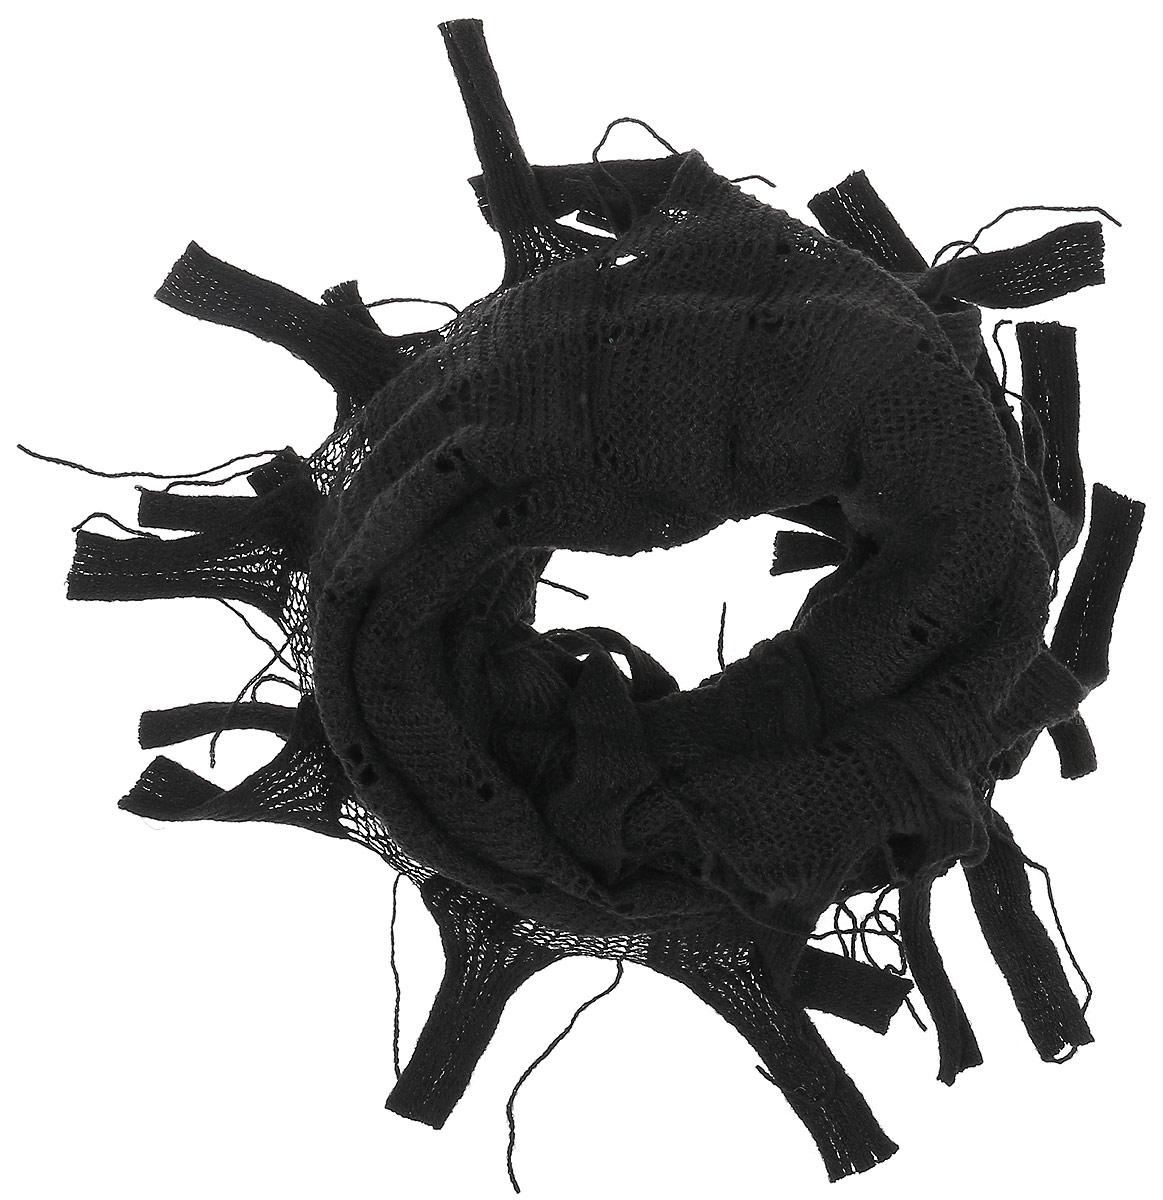 95Ш1А_110Женский вязаный снуд-хомут Sabellino выполнен из отличного сочетания высококачественного шерсти с добавлением тёплой акрила. Модель связана кольцом и выполнена вязанным узором и дополнена по краям оригинальной бахромой. Снуд-хомут мягко драпируется и красиво распределяется в области шеи.